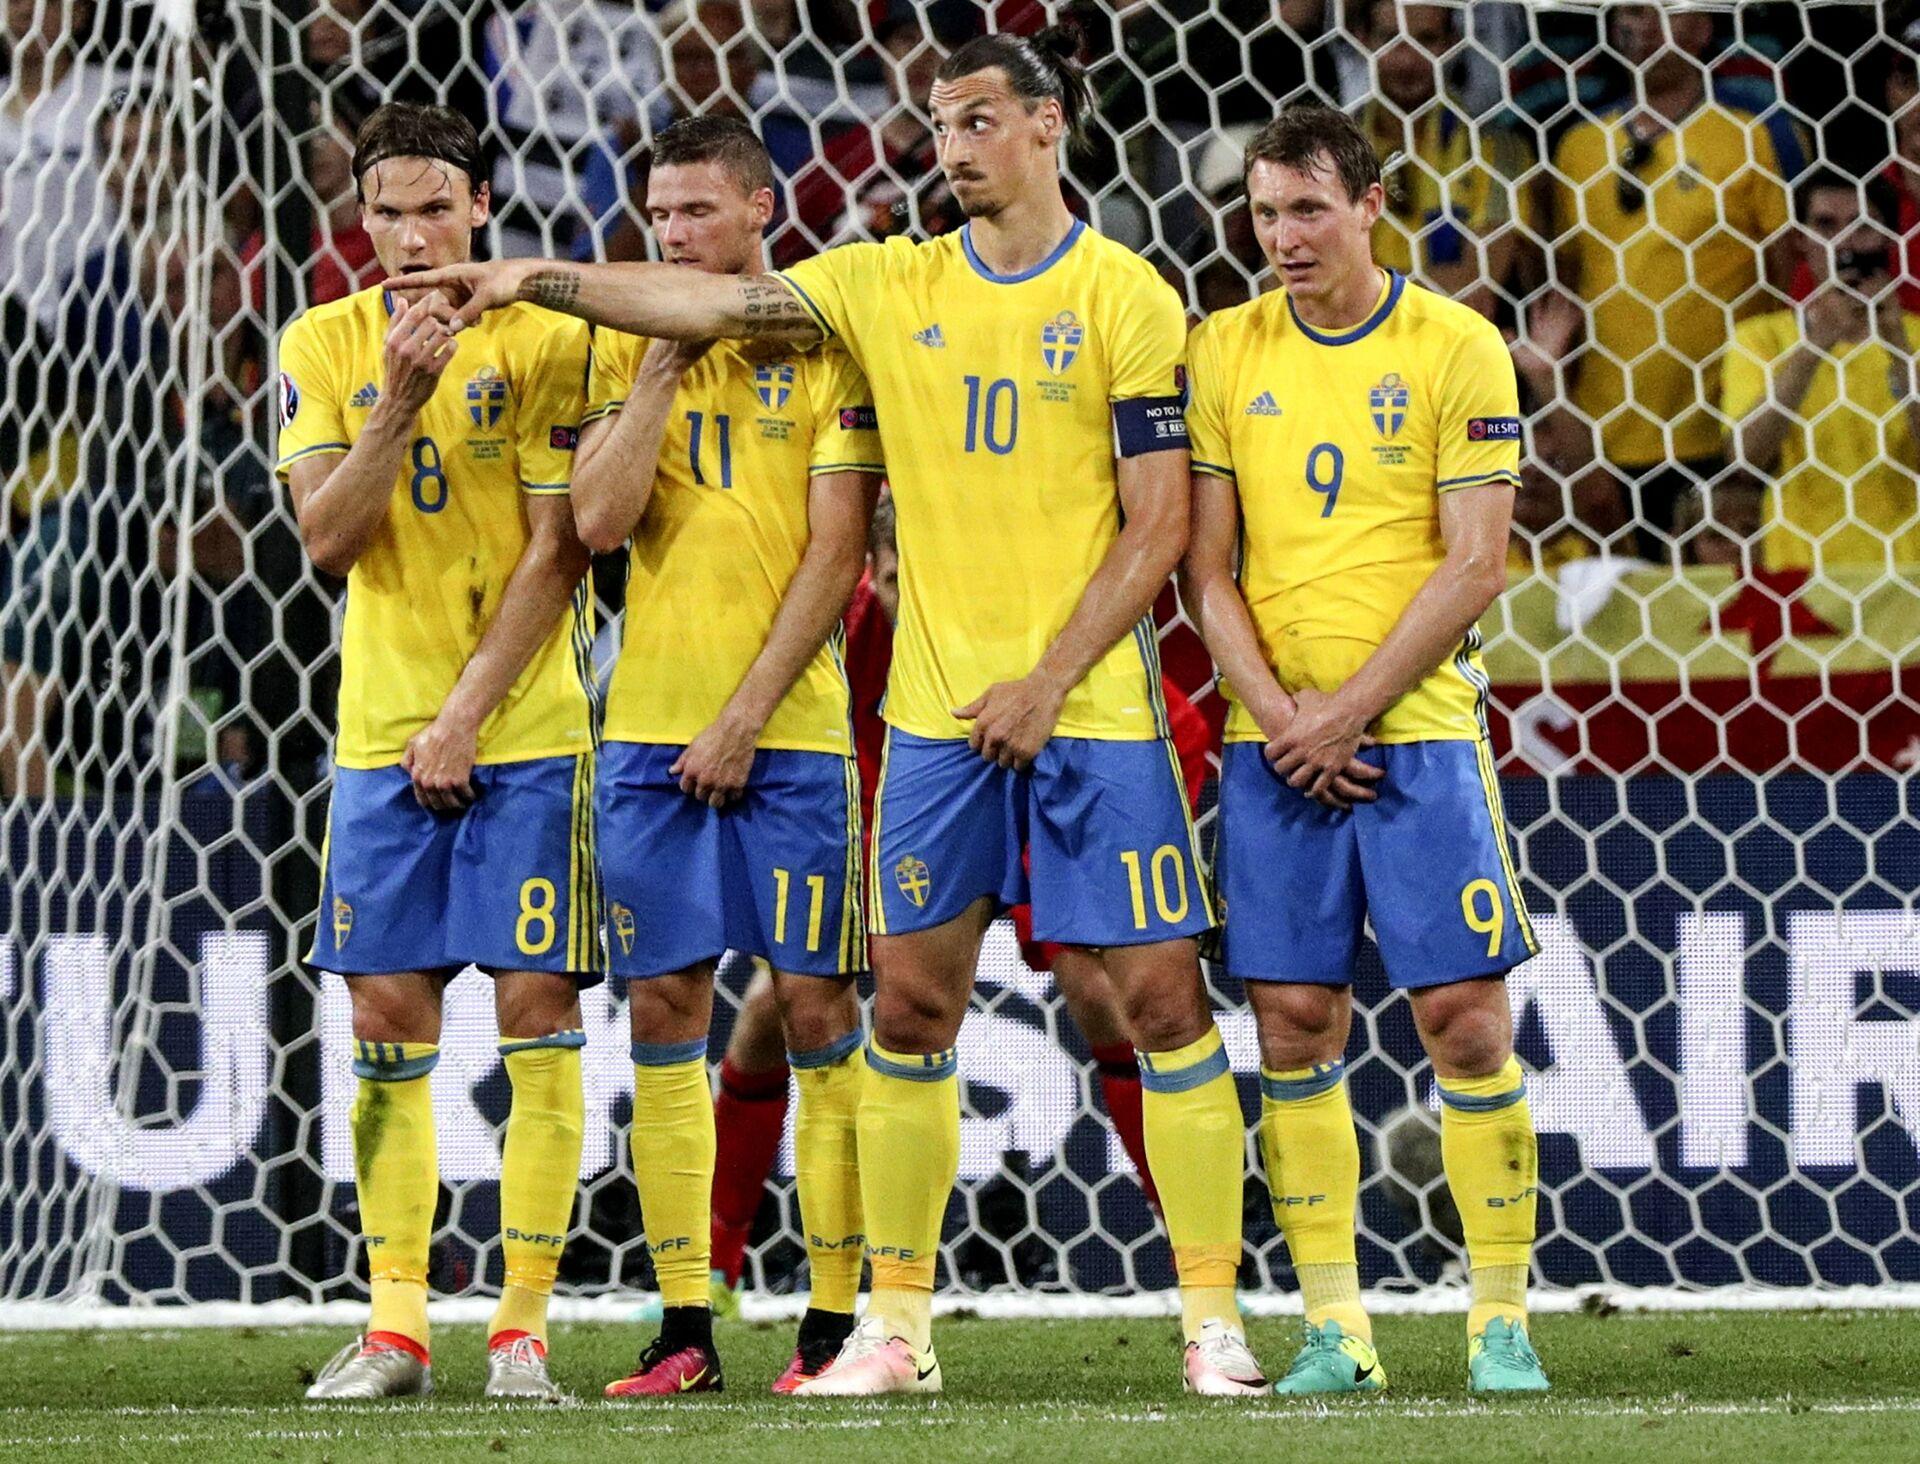 Швеция – Армения: прогноз на товарищеский матч по футболу - Sputnik Грузия, 1920, 04.06.2021